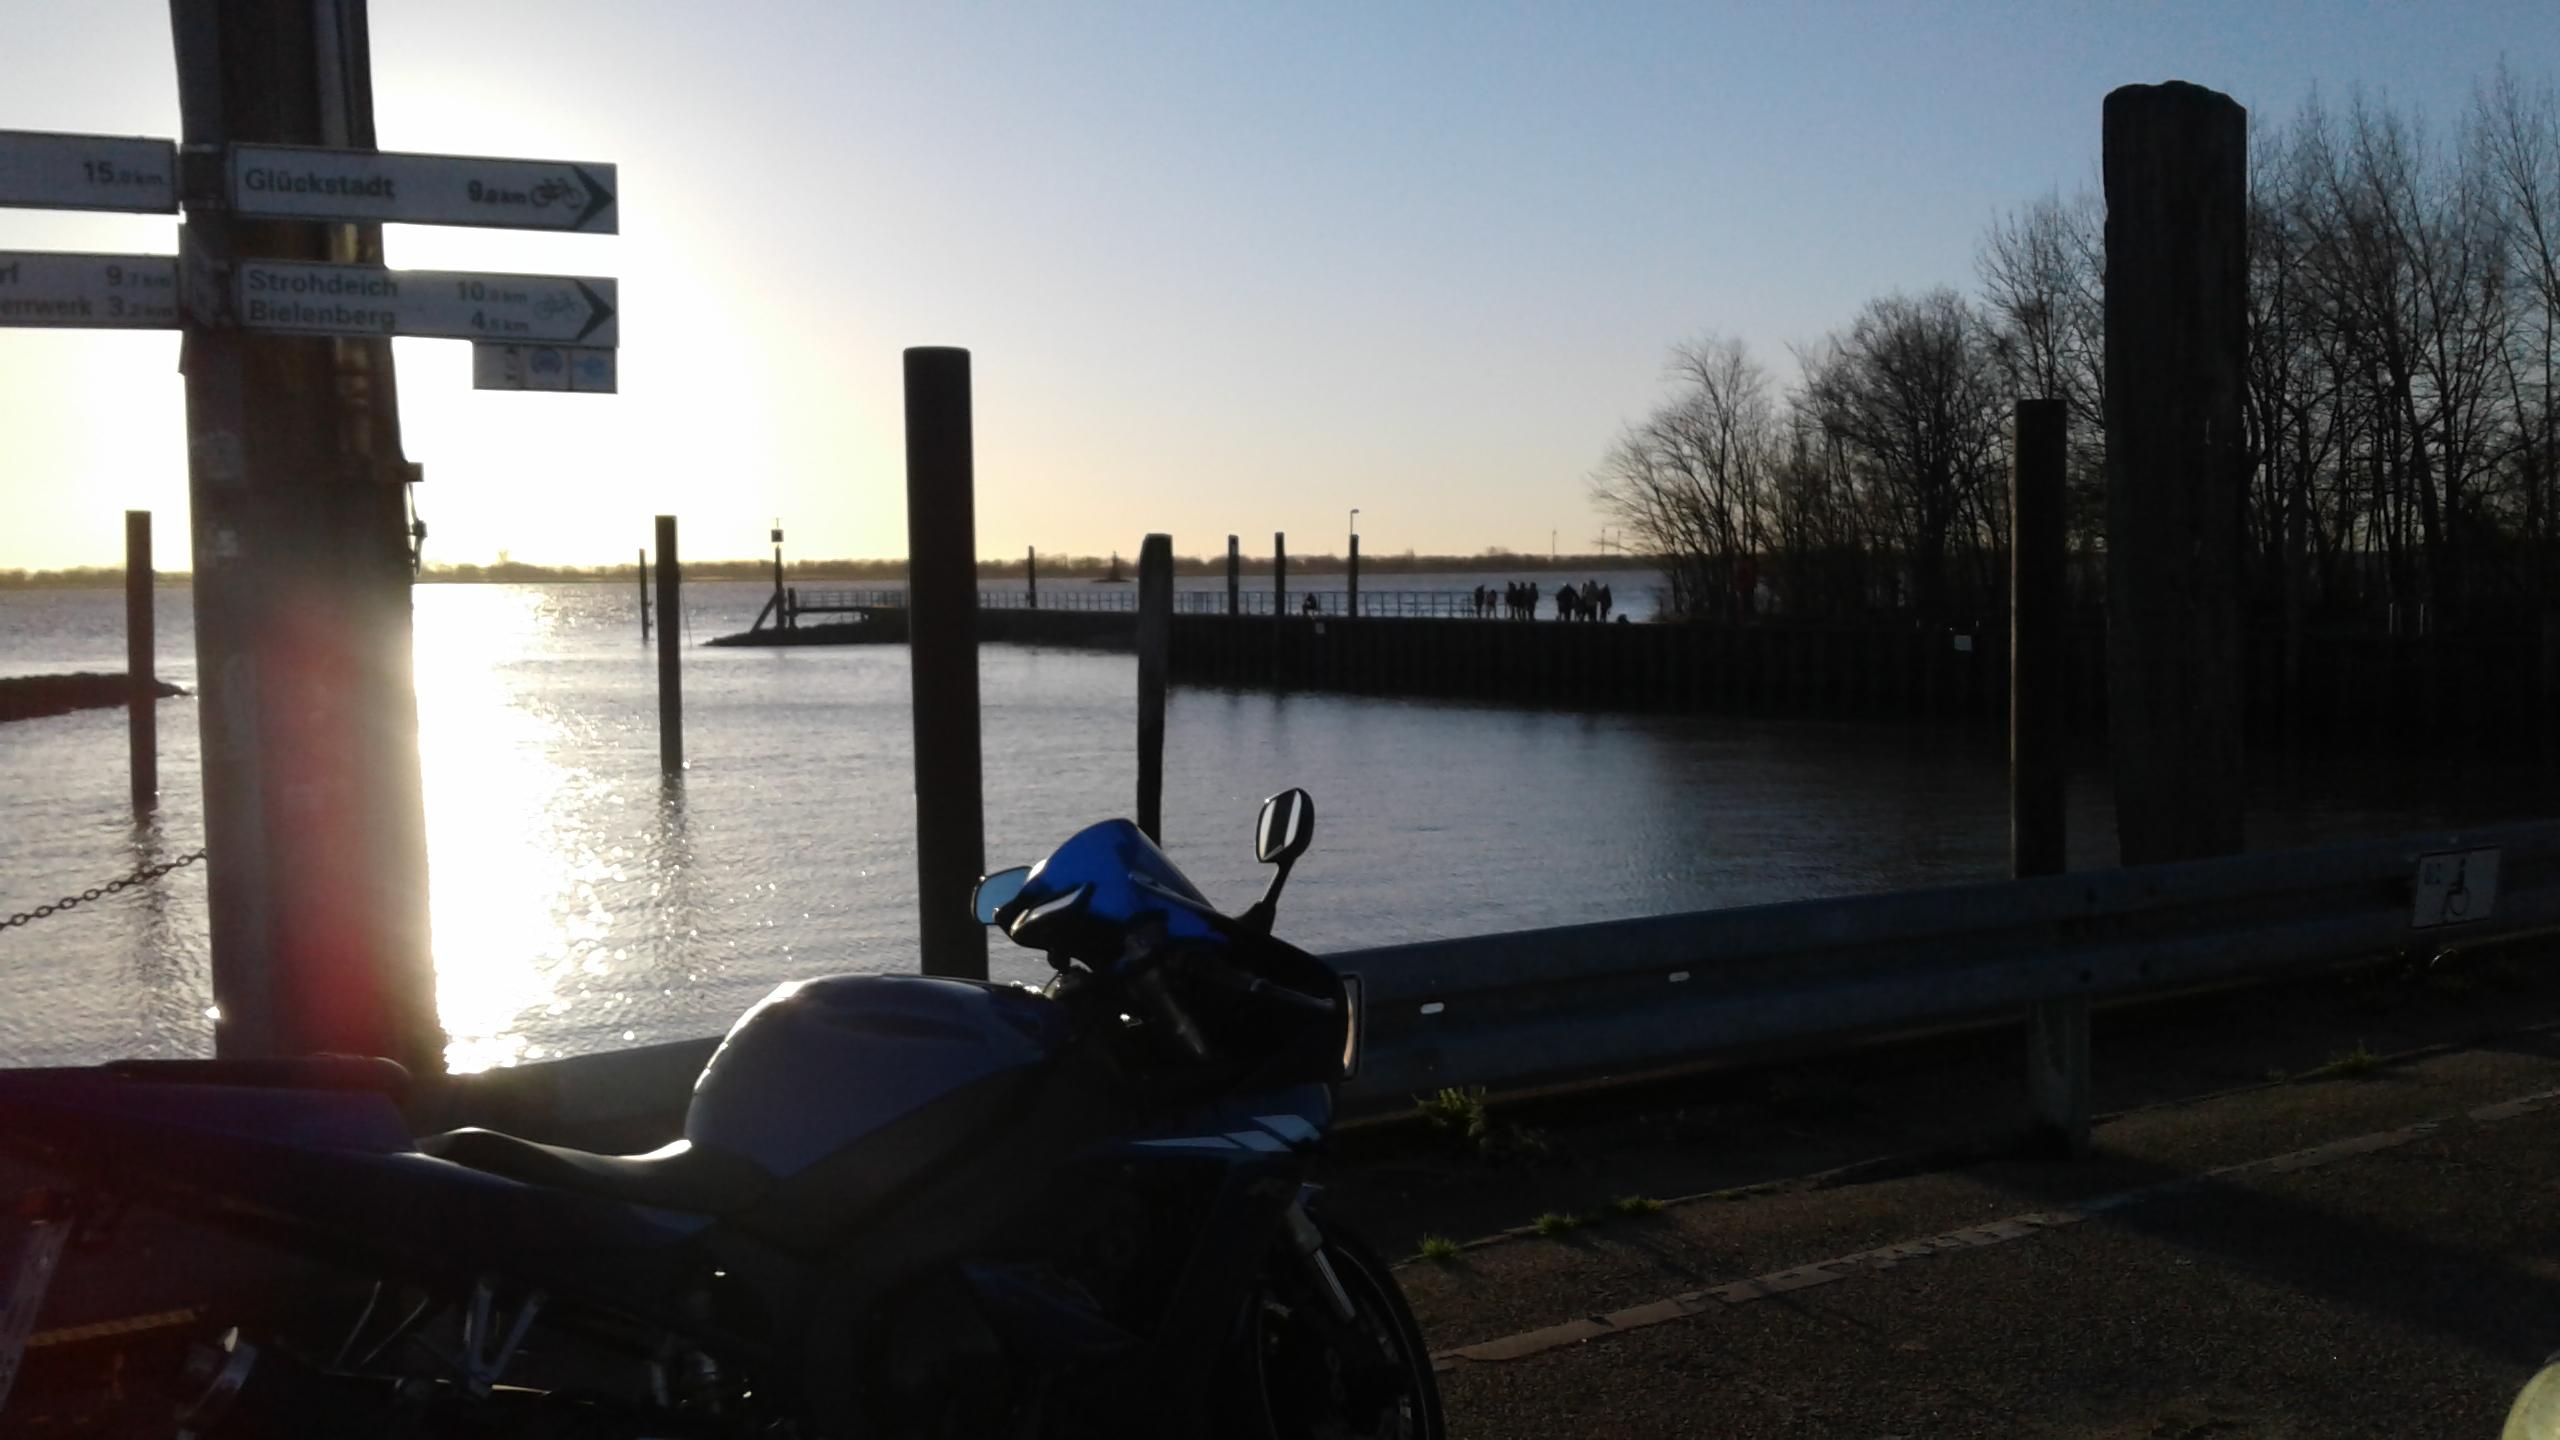 Euch allen eine sonnige Motorrad Saison 2019 mit viel Lebensfreude